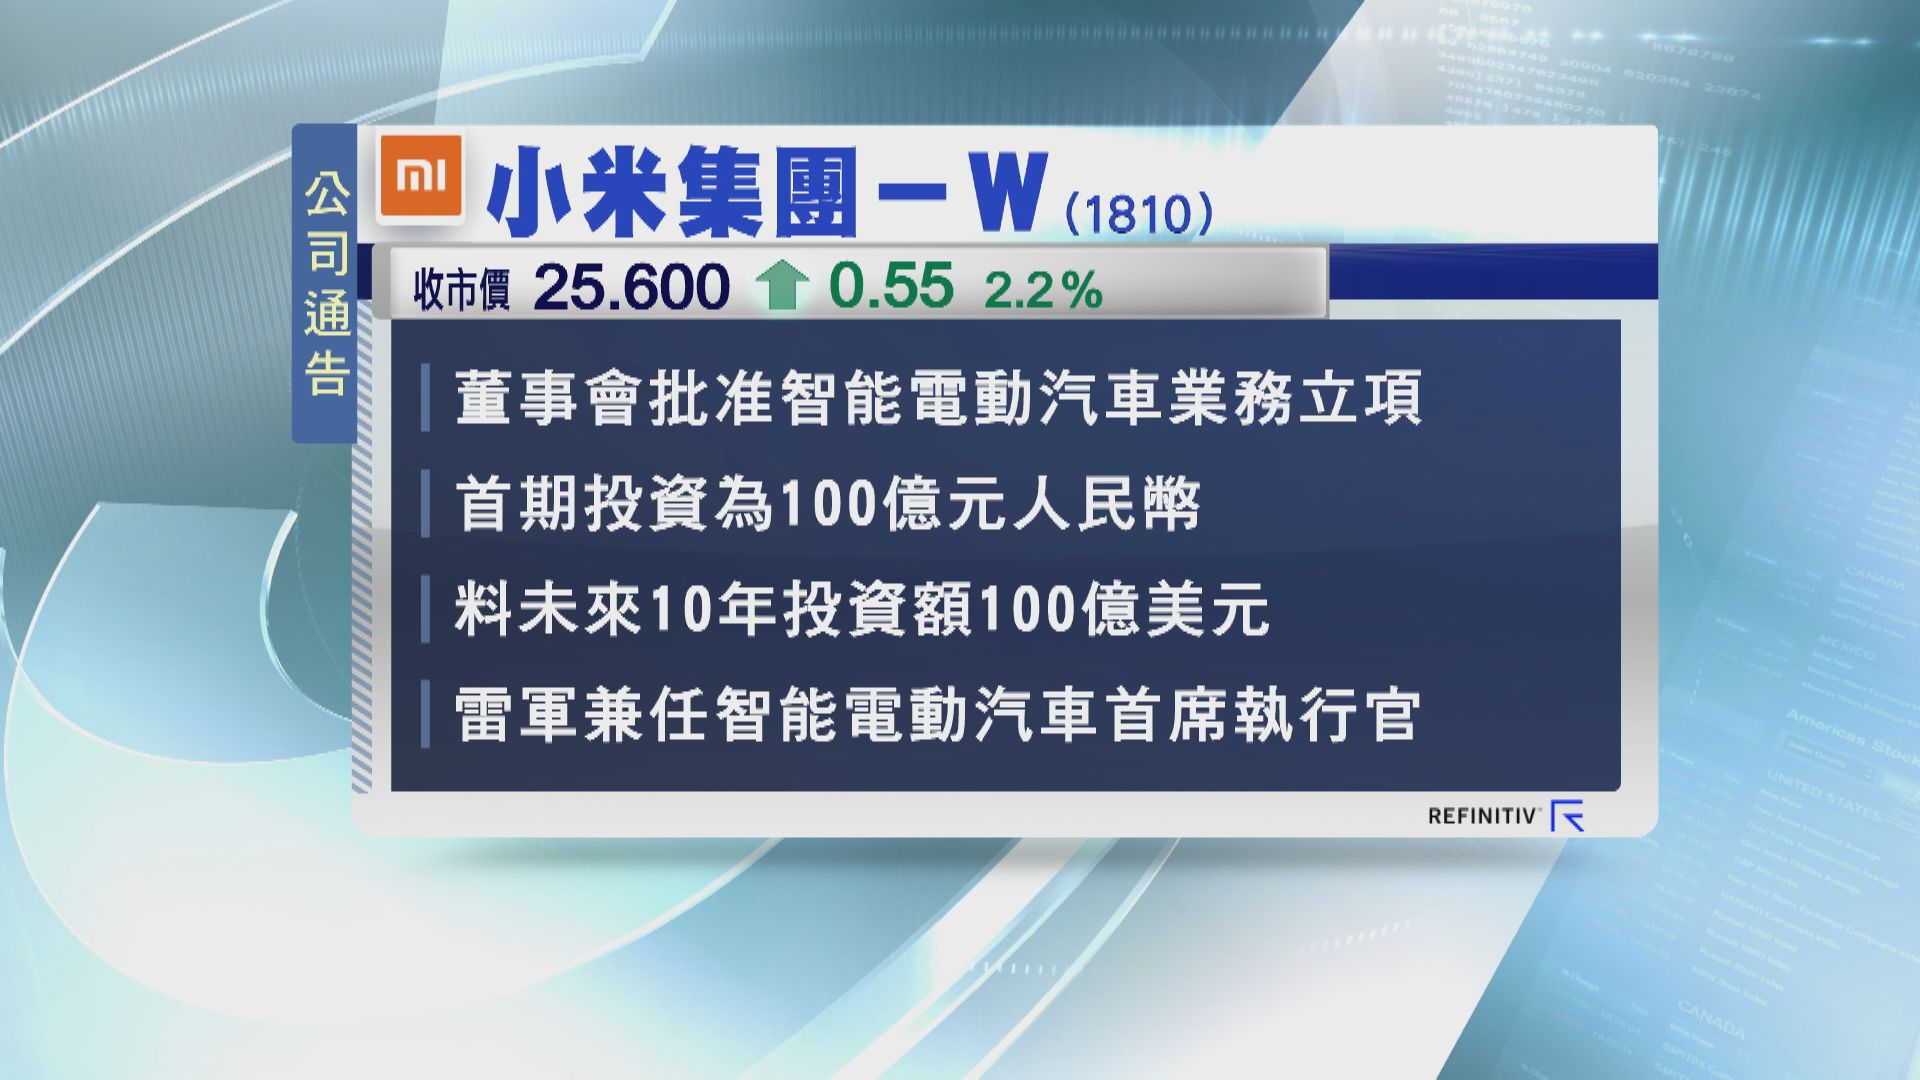 確認造電動車!小米:未來10年投資780億